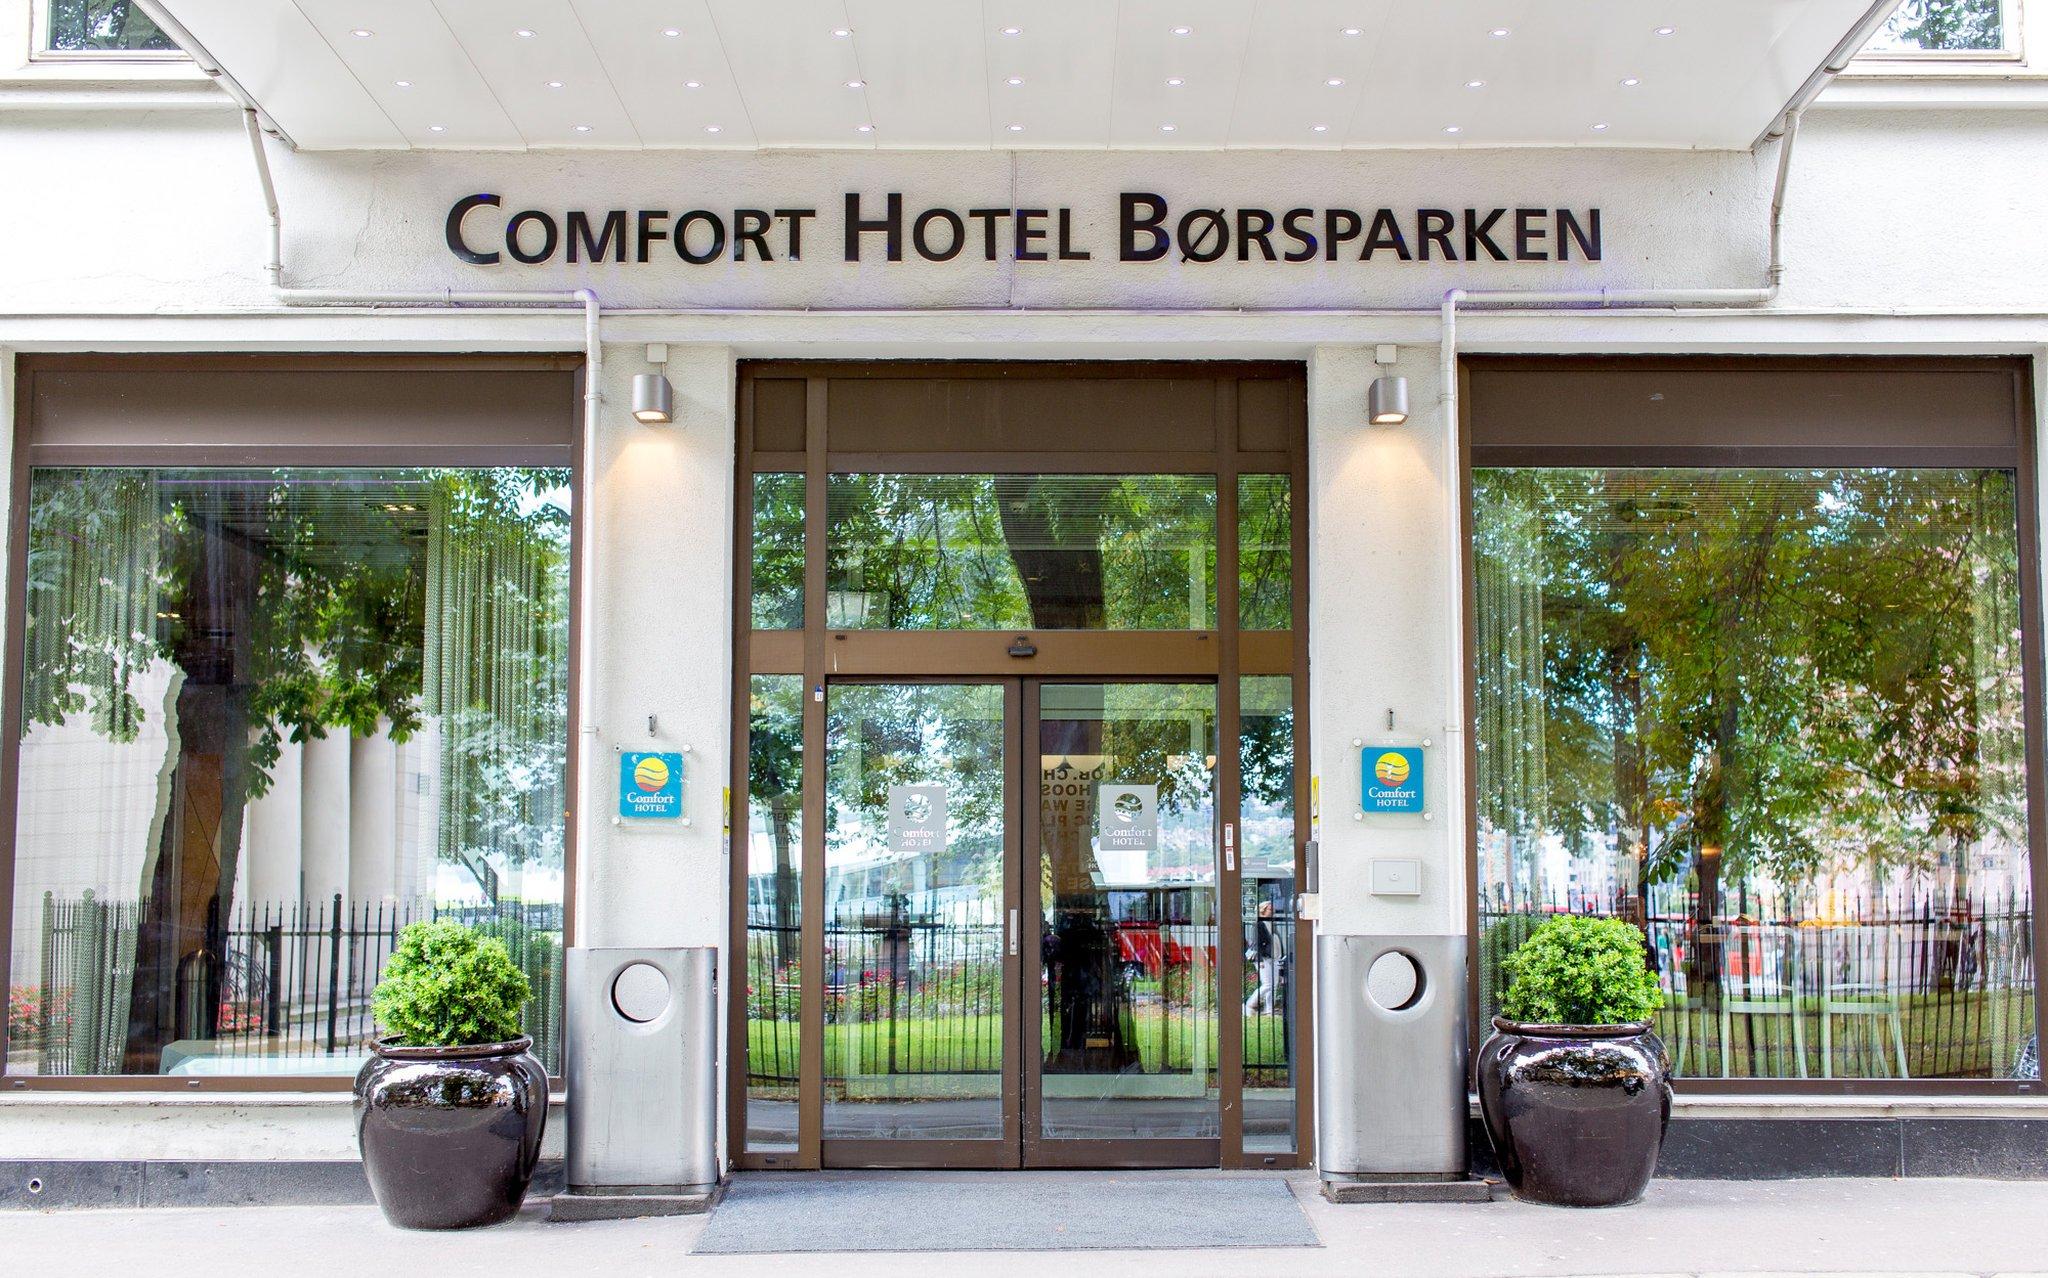 كومفورت هوتل بورسباركن